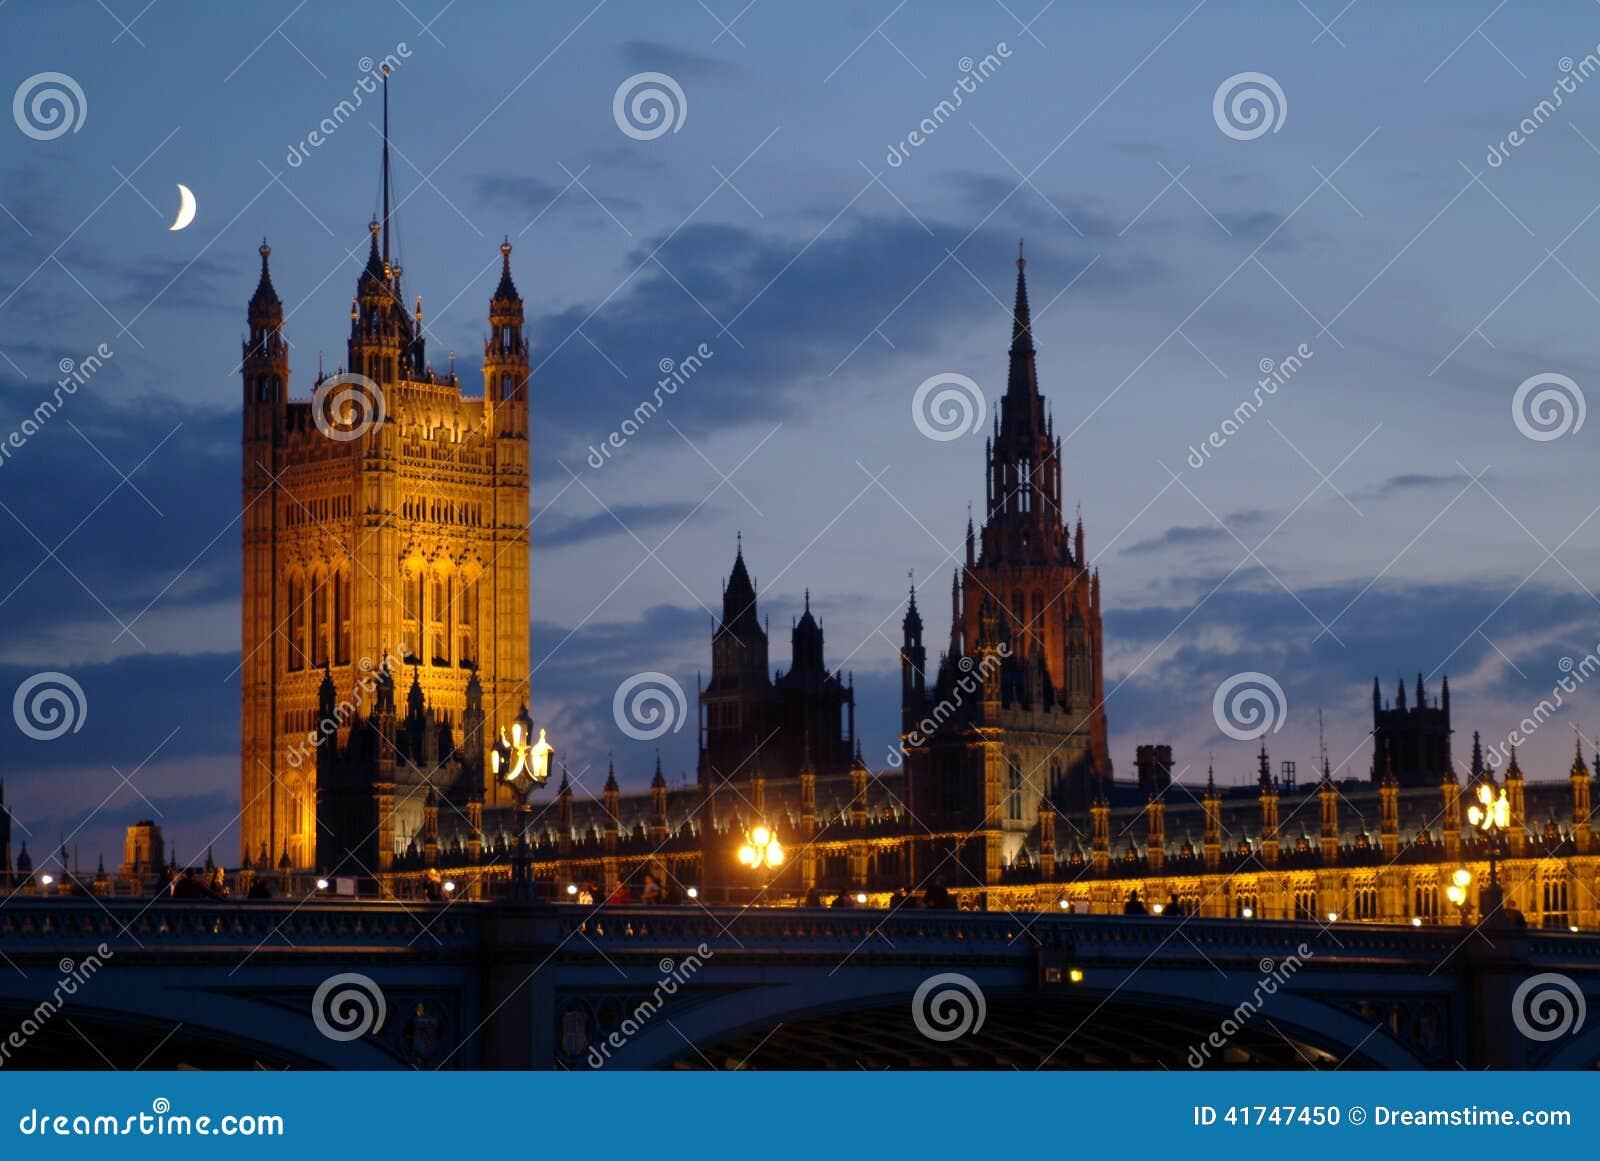 Лондон - Вестминстер